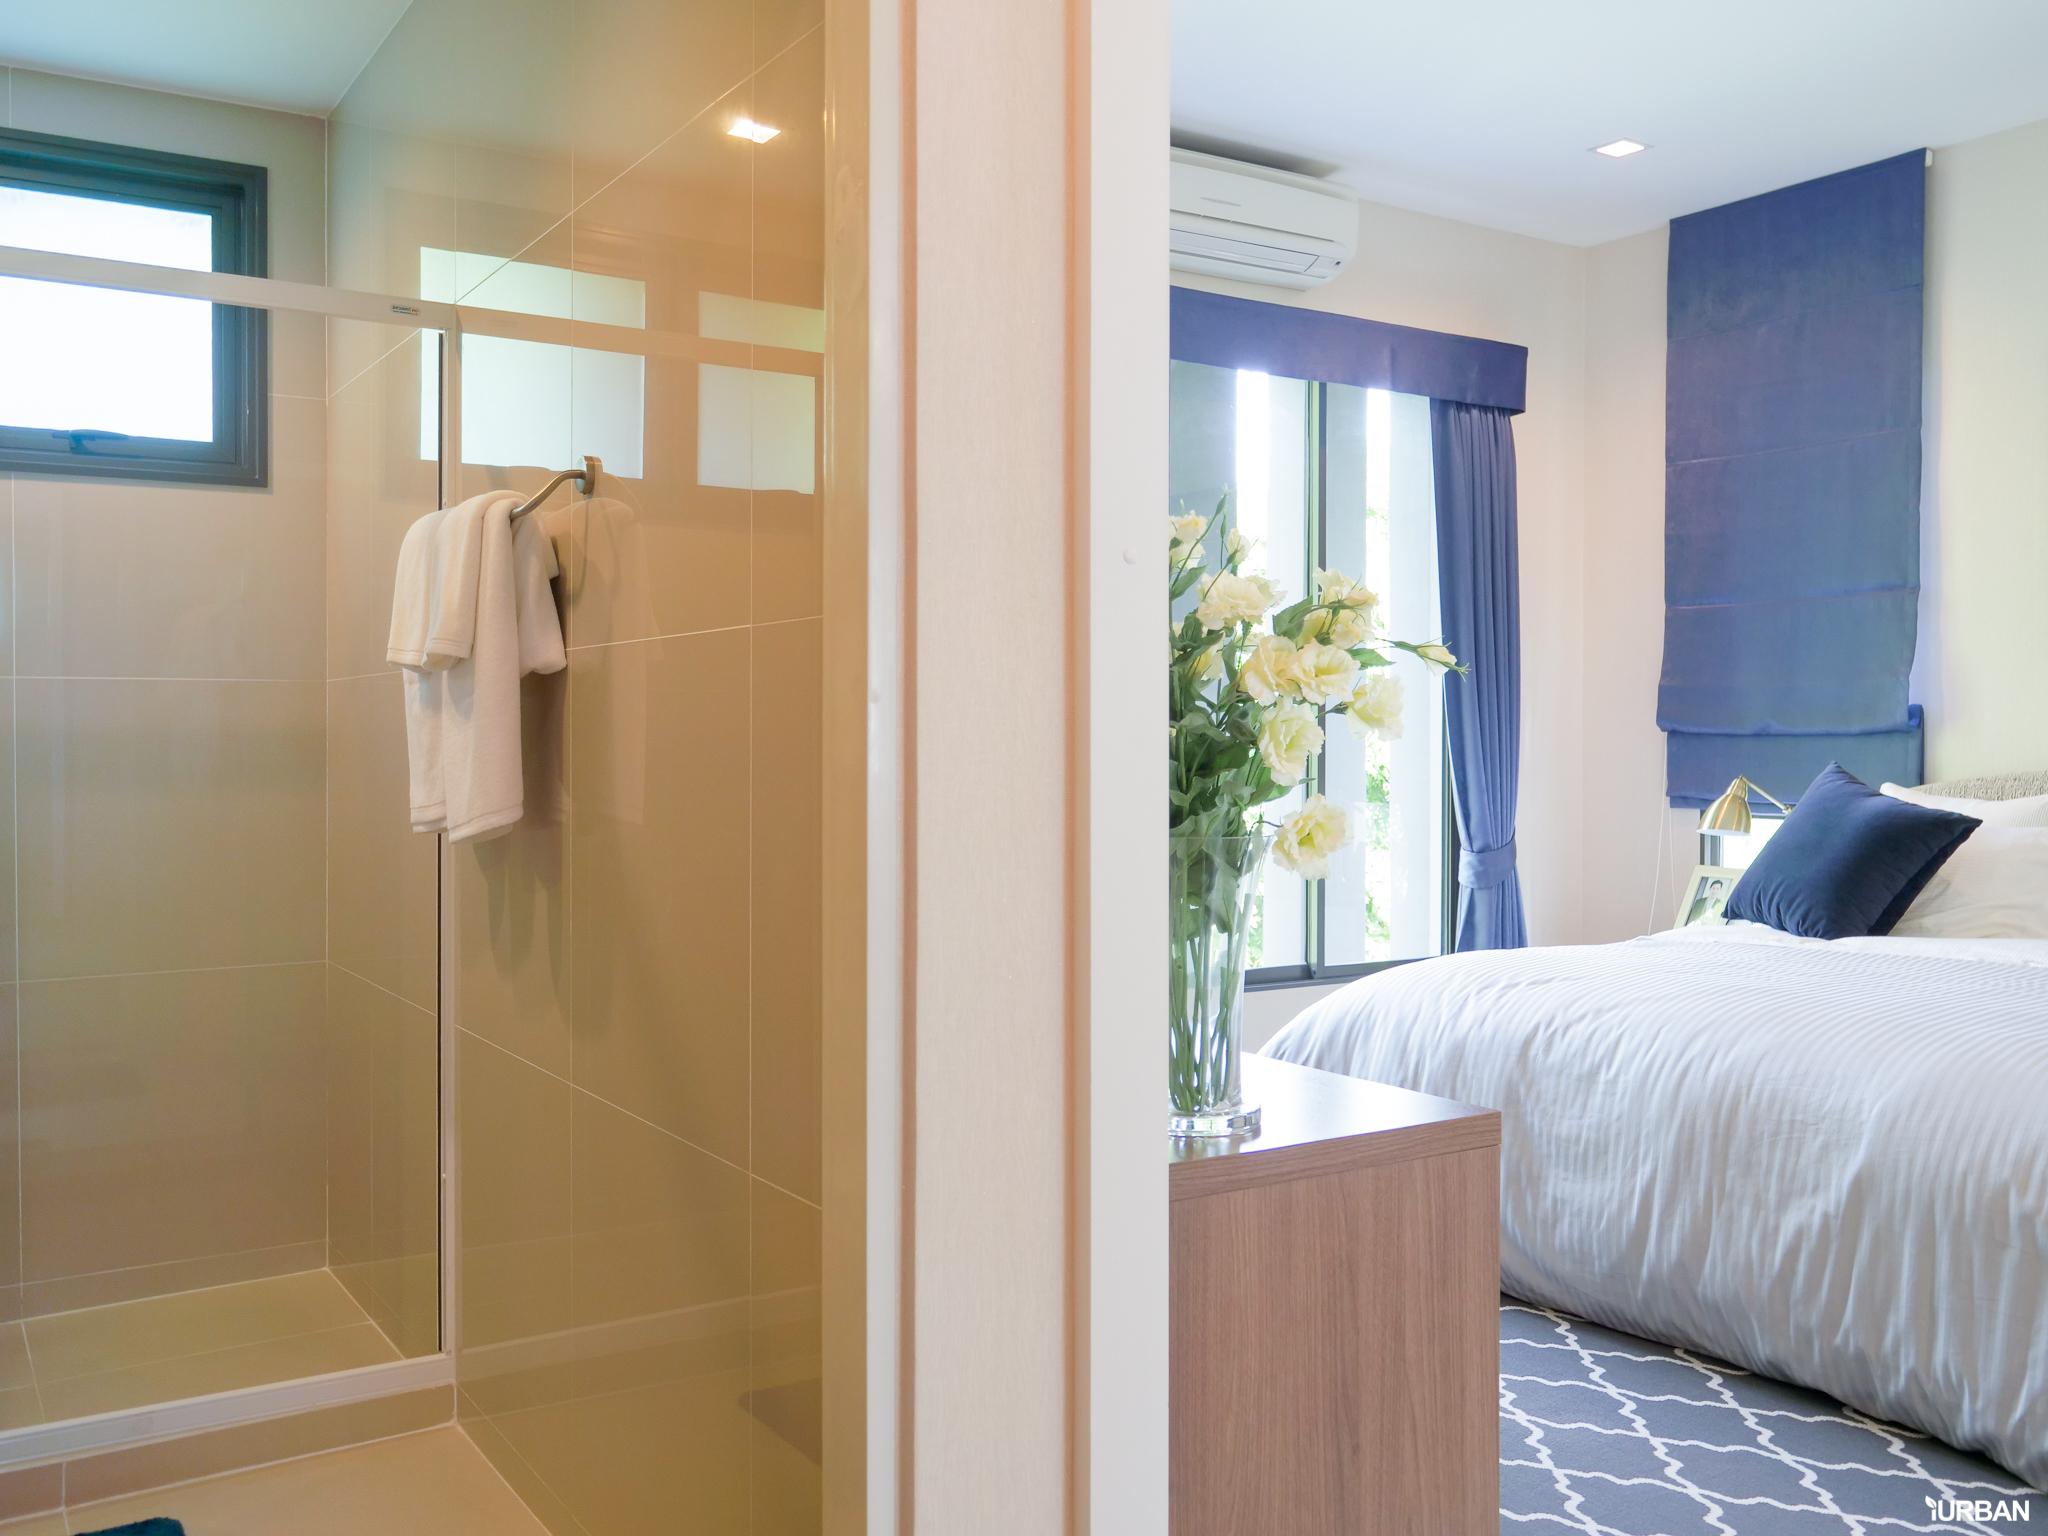 """รีวิว """"ฮาบิเทีย พาร์ค เทียนทะเล 28"""" ที่ดิน 100 ตร.ว. ทำเลพระราม 2 จากแสนสิริ 218 - 4 Bedrooms"""